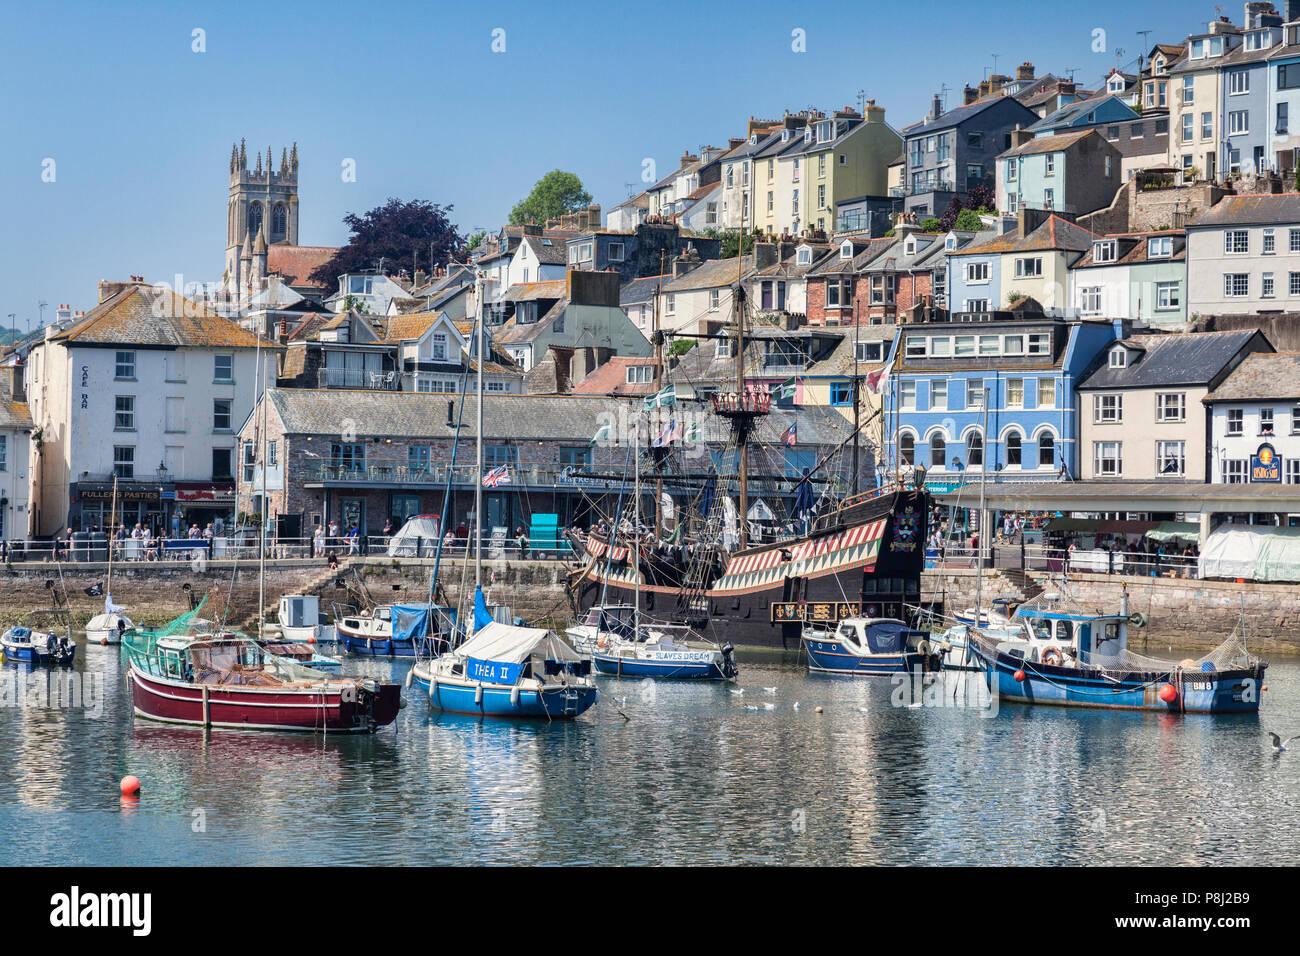 23. Mai 2018: Brixham, Devon, Großbritannien - Der Hafen mit der Replik Golden Hind an einem schönen Frühlingstag. Stockbild